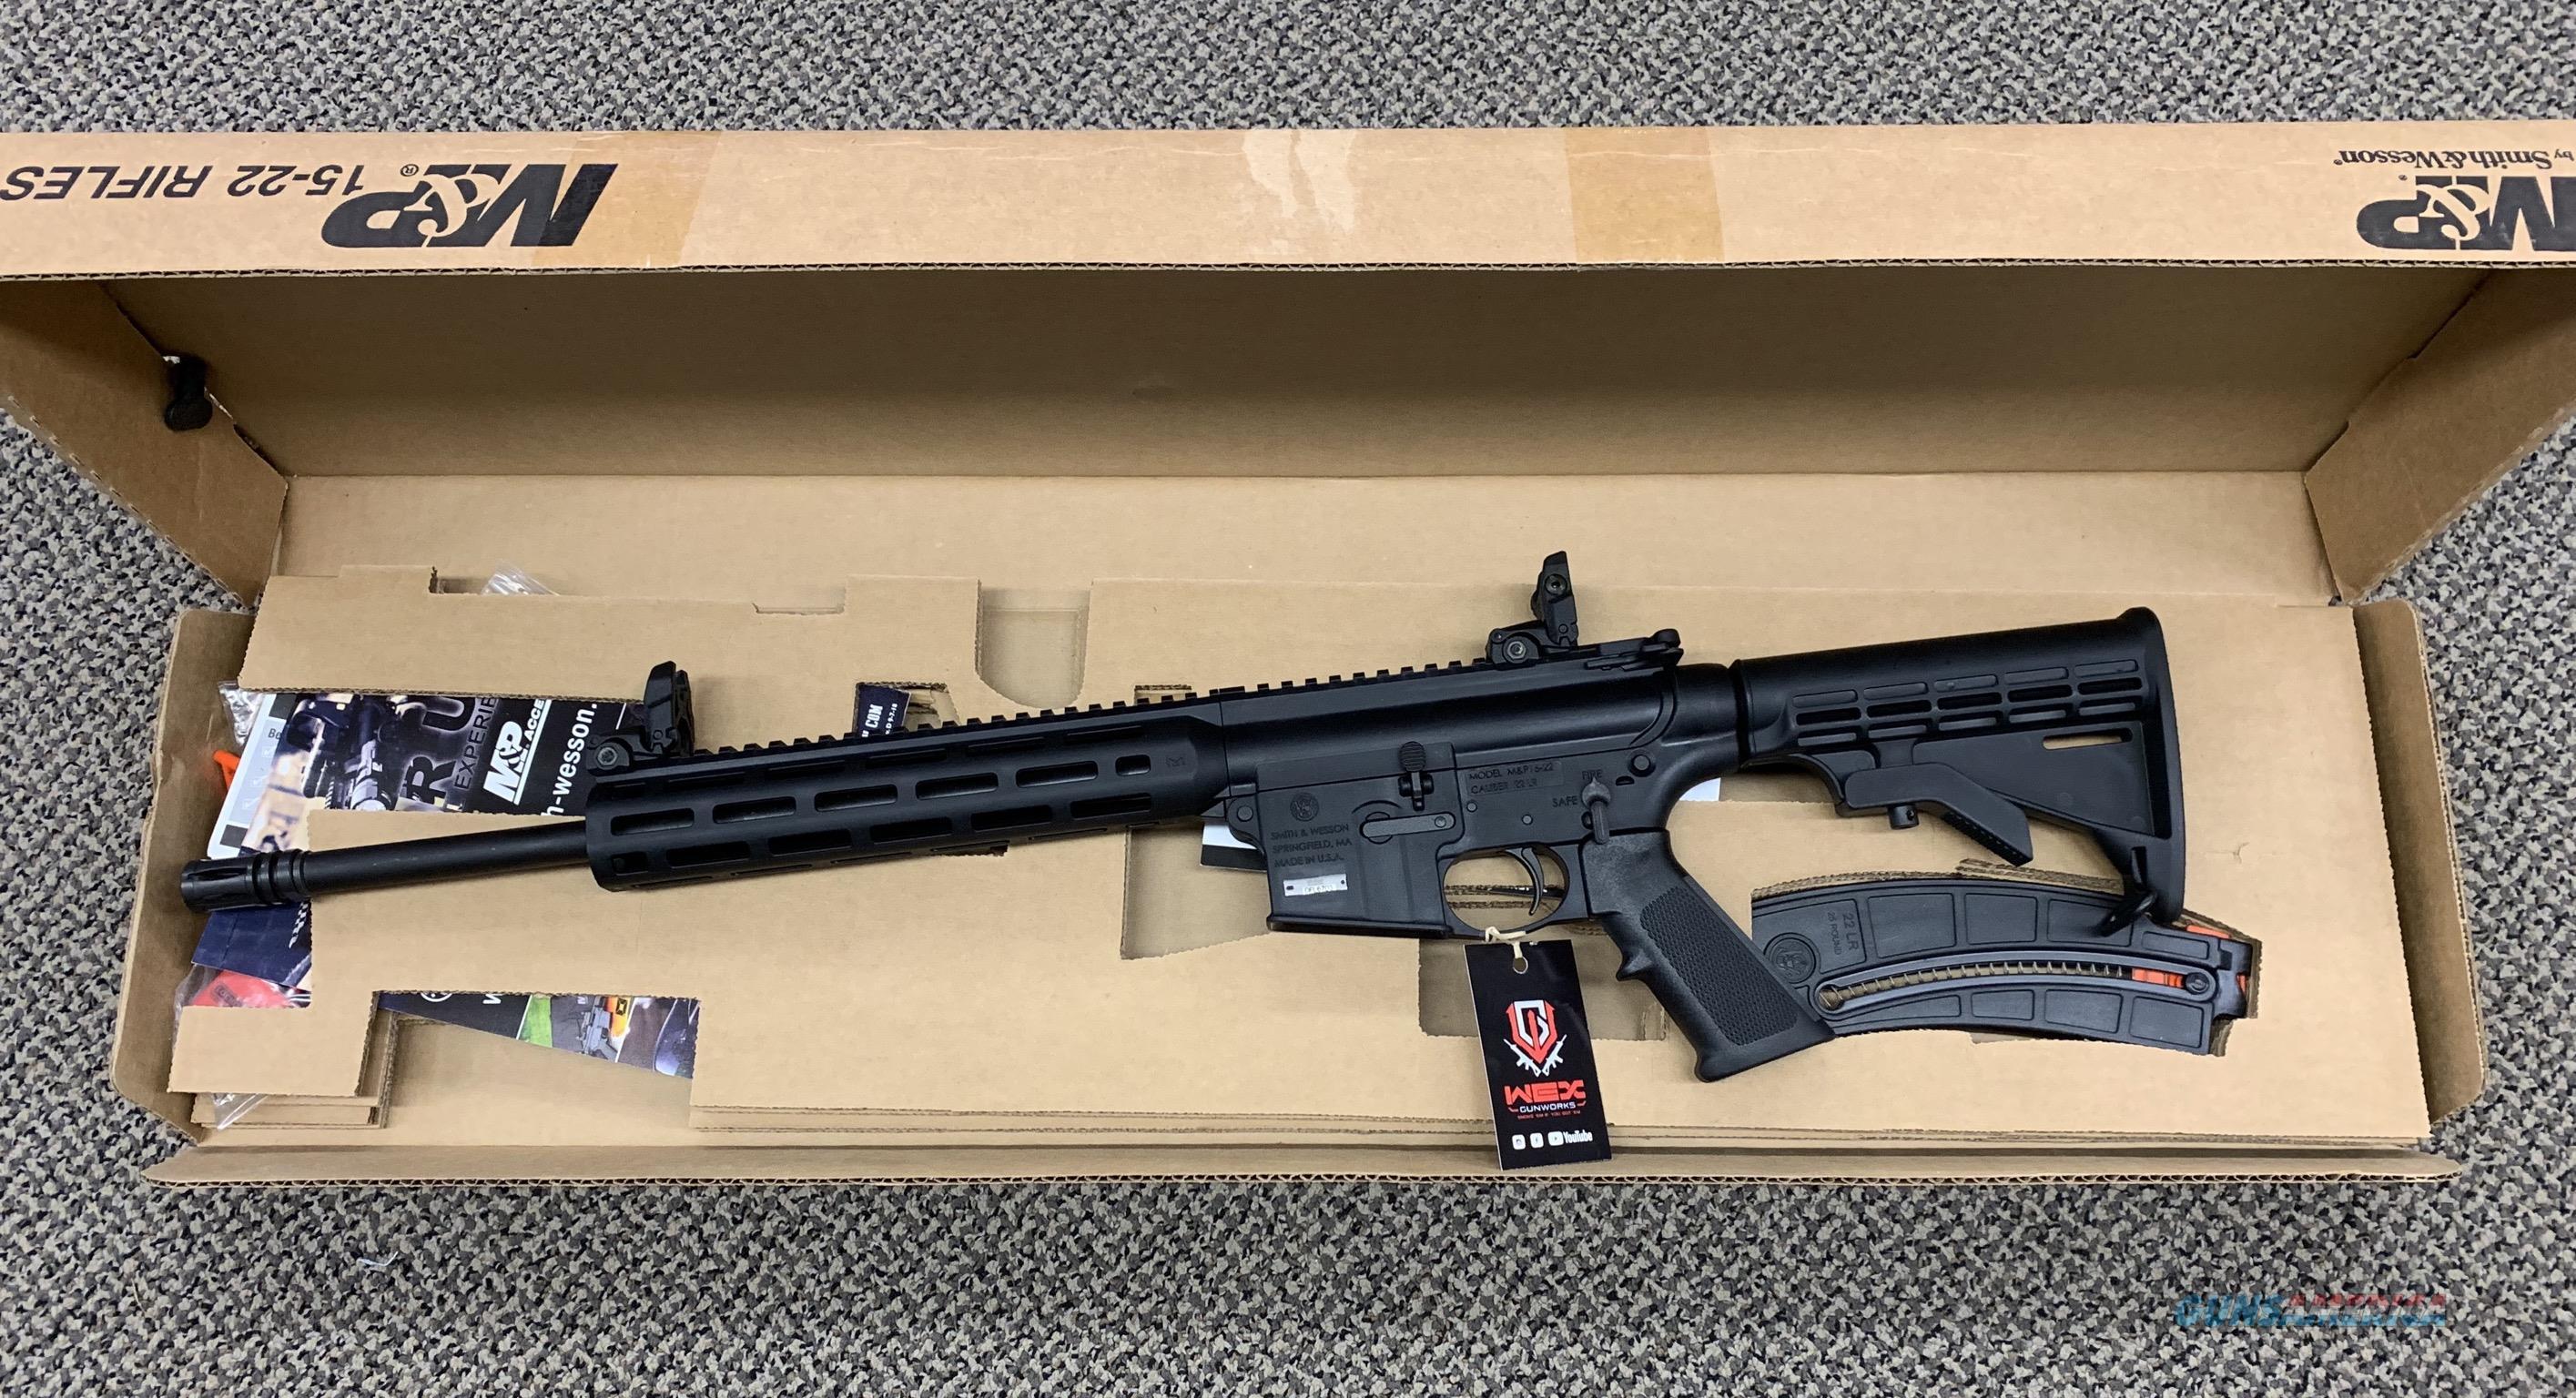 S&W M&P 15-22 .22LR RIFLE MLOK THREADED BBL NEW IN BOX  Guns > Rifles > Smith & Wesson Rifles > M&P